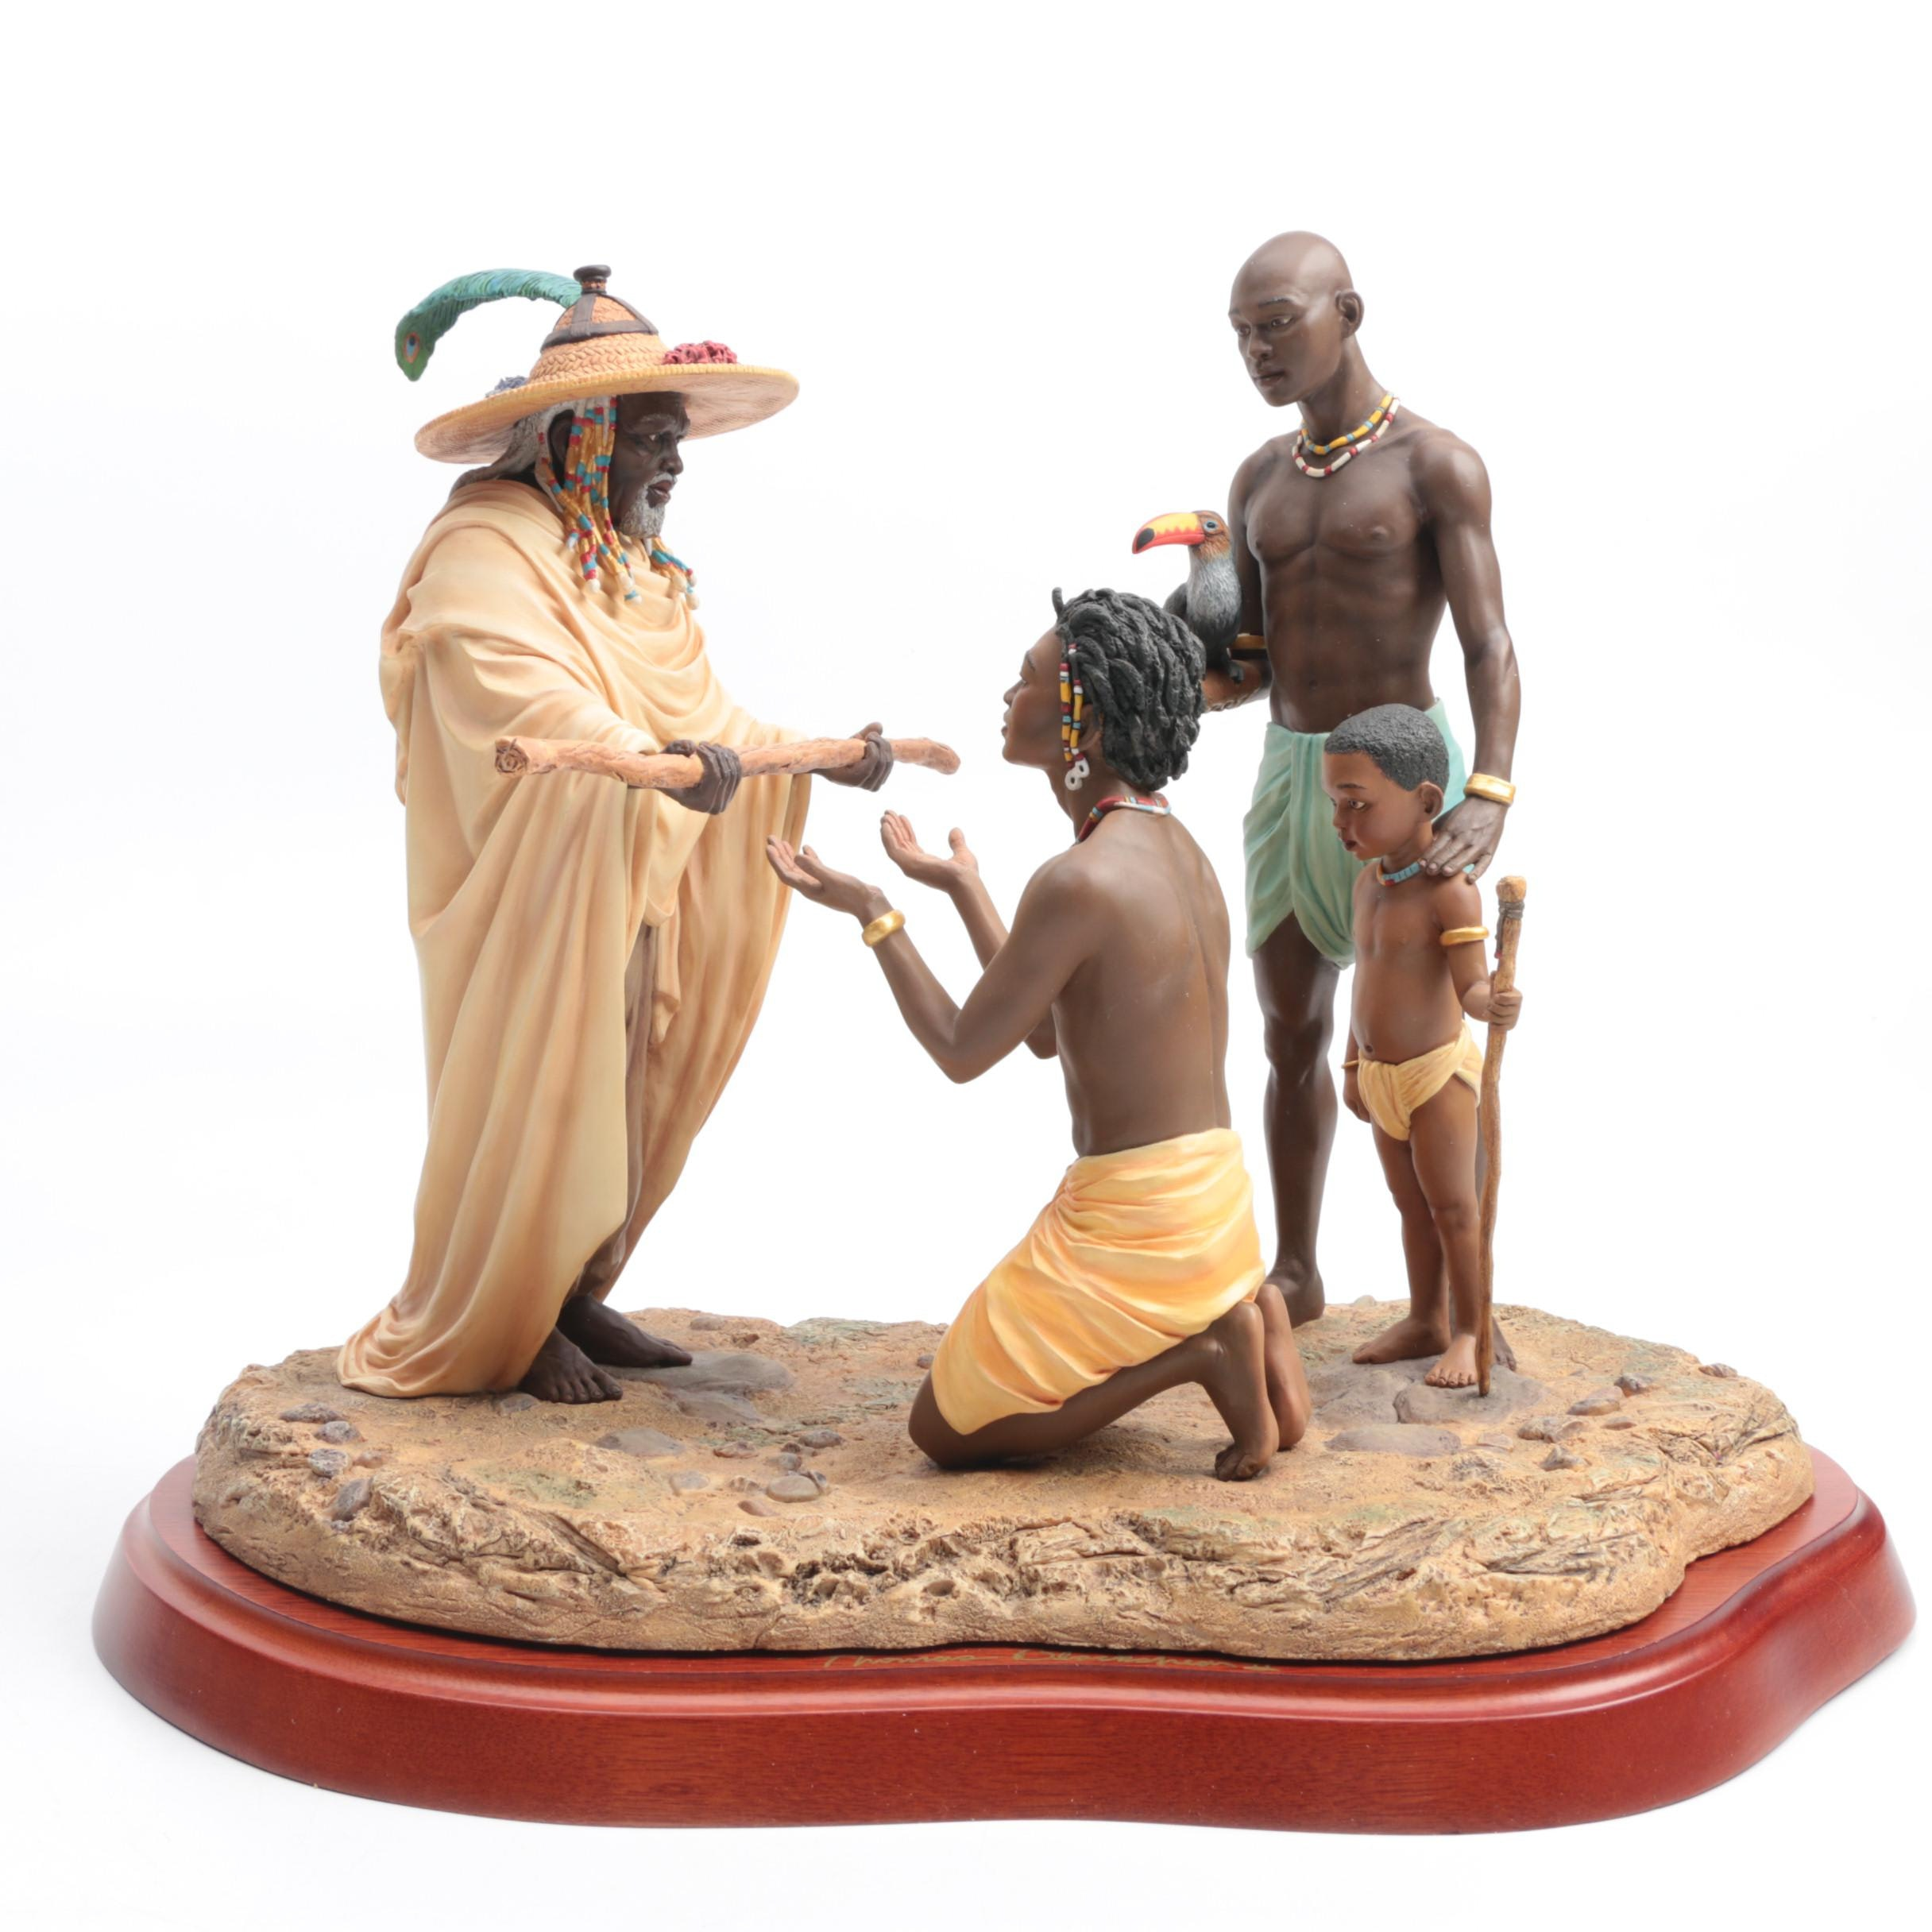 Ebony visions thomas blackshear figurines